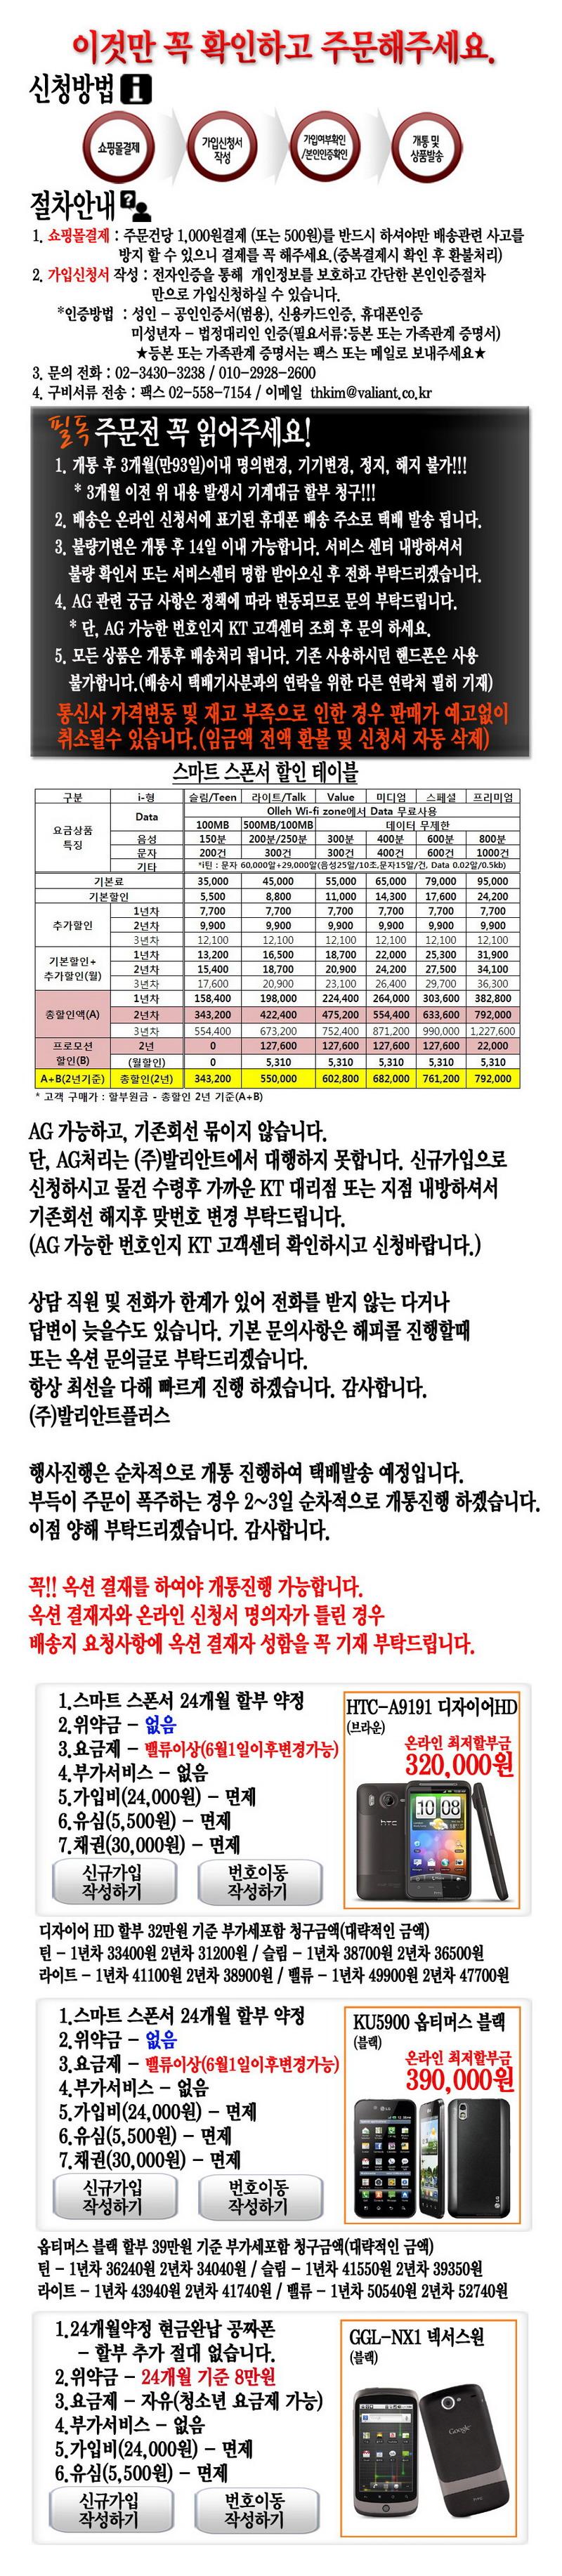 애들 기변할 폰 구매 – 넥서스원 24/8만, 에이징 후 해지, 가무/유무/무부